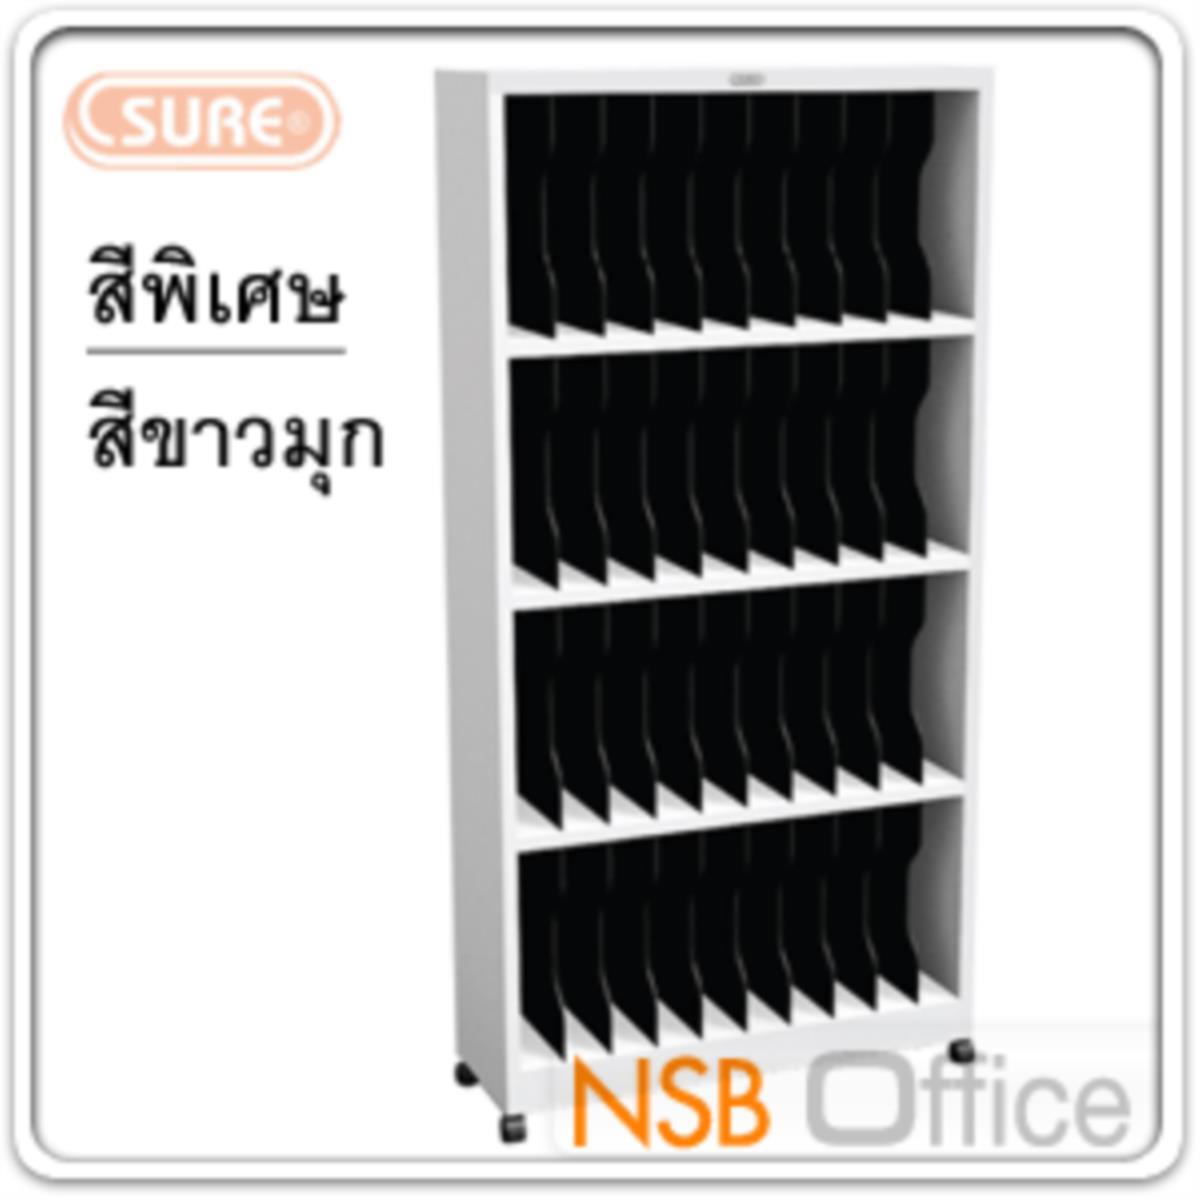 ชั้นวางแฟ้มตั้ง 4 ชั้น (40 ช่อง) ล้อเลื่อน โครงตู้สีขาว รุ่น CS-666